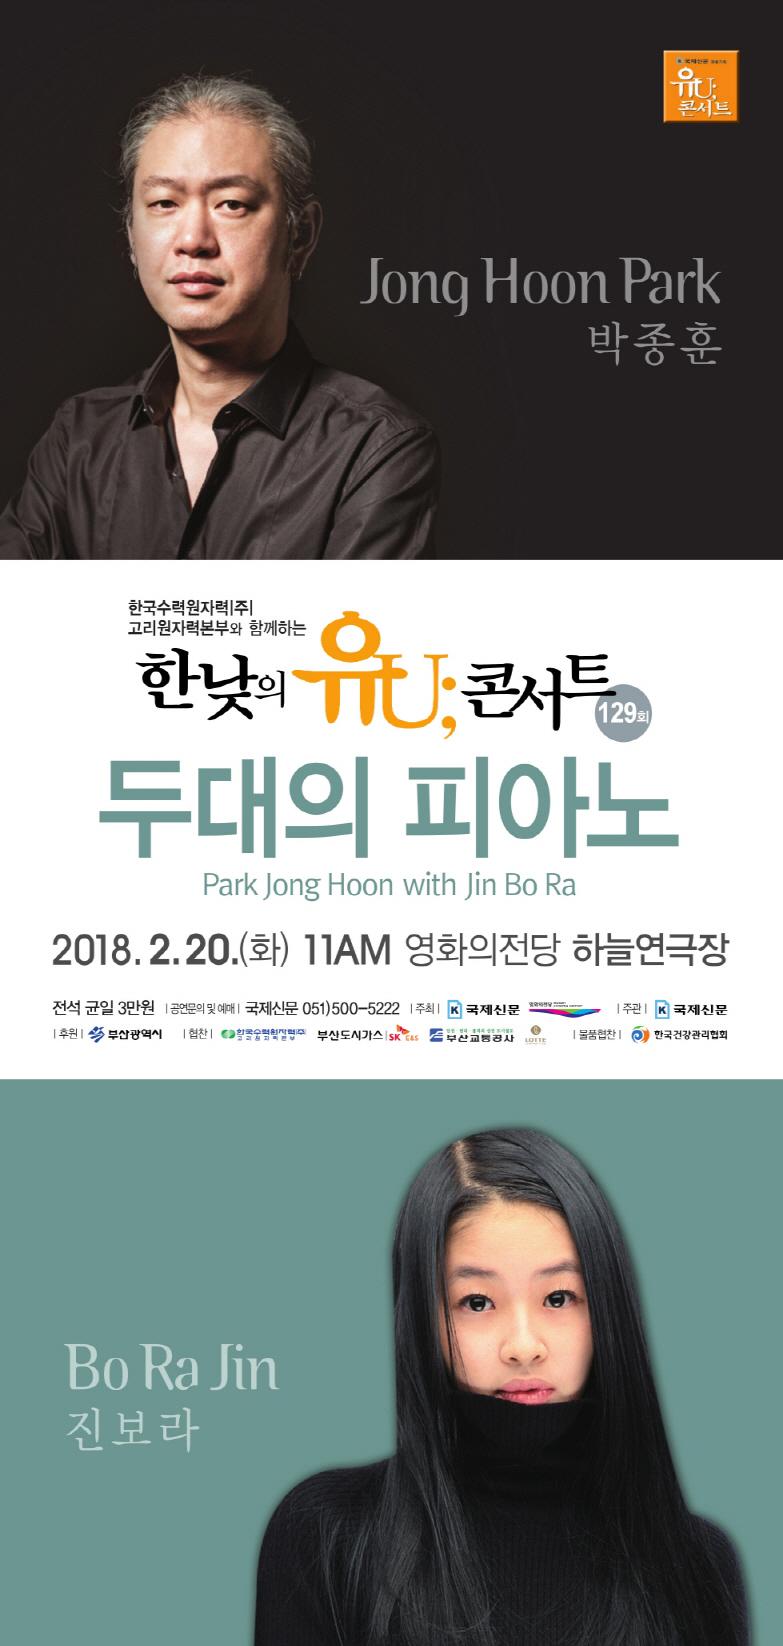 한낮의 유U;콘서트 두대의 피아노 2018.2.20(화) 11AM 영화의전당 하늘연극장